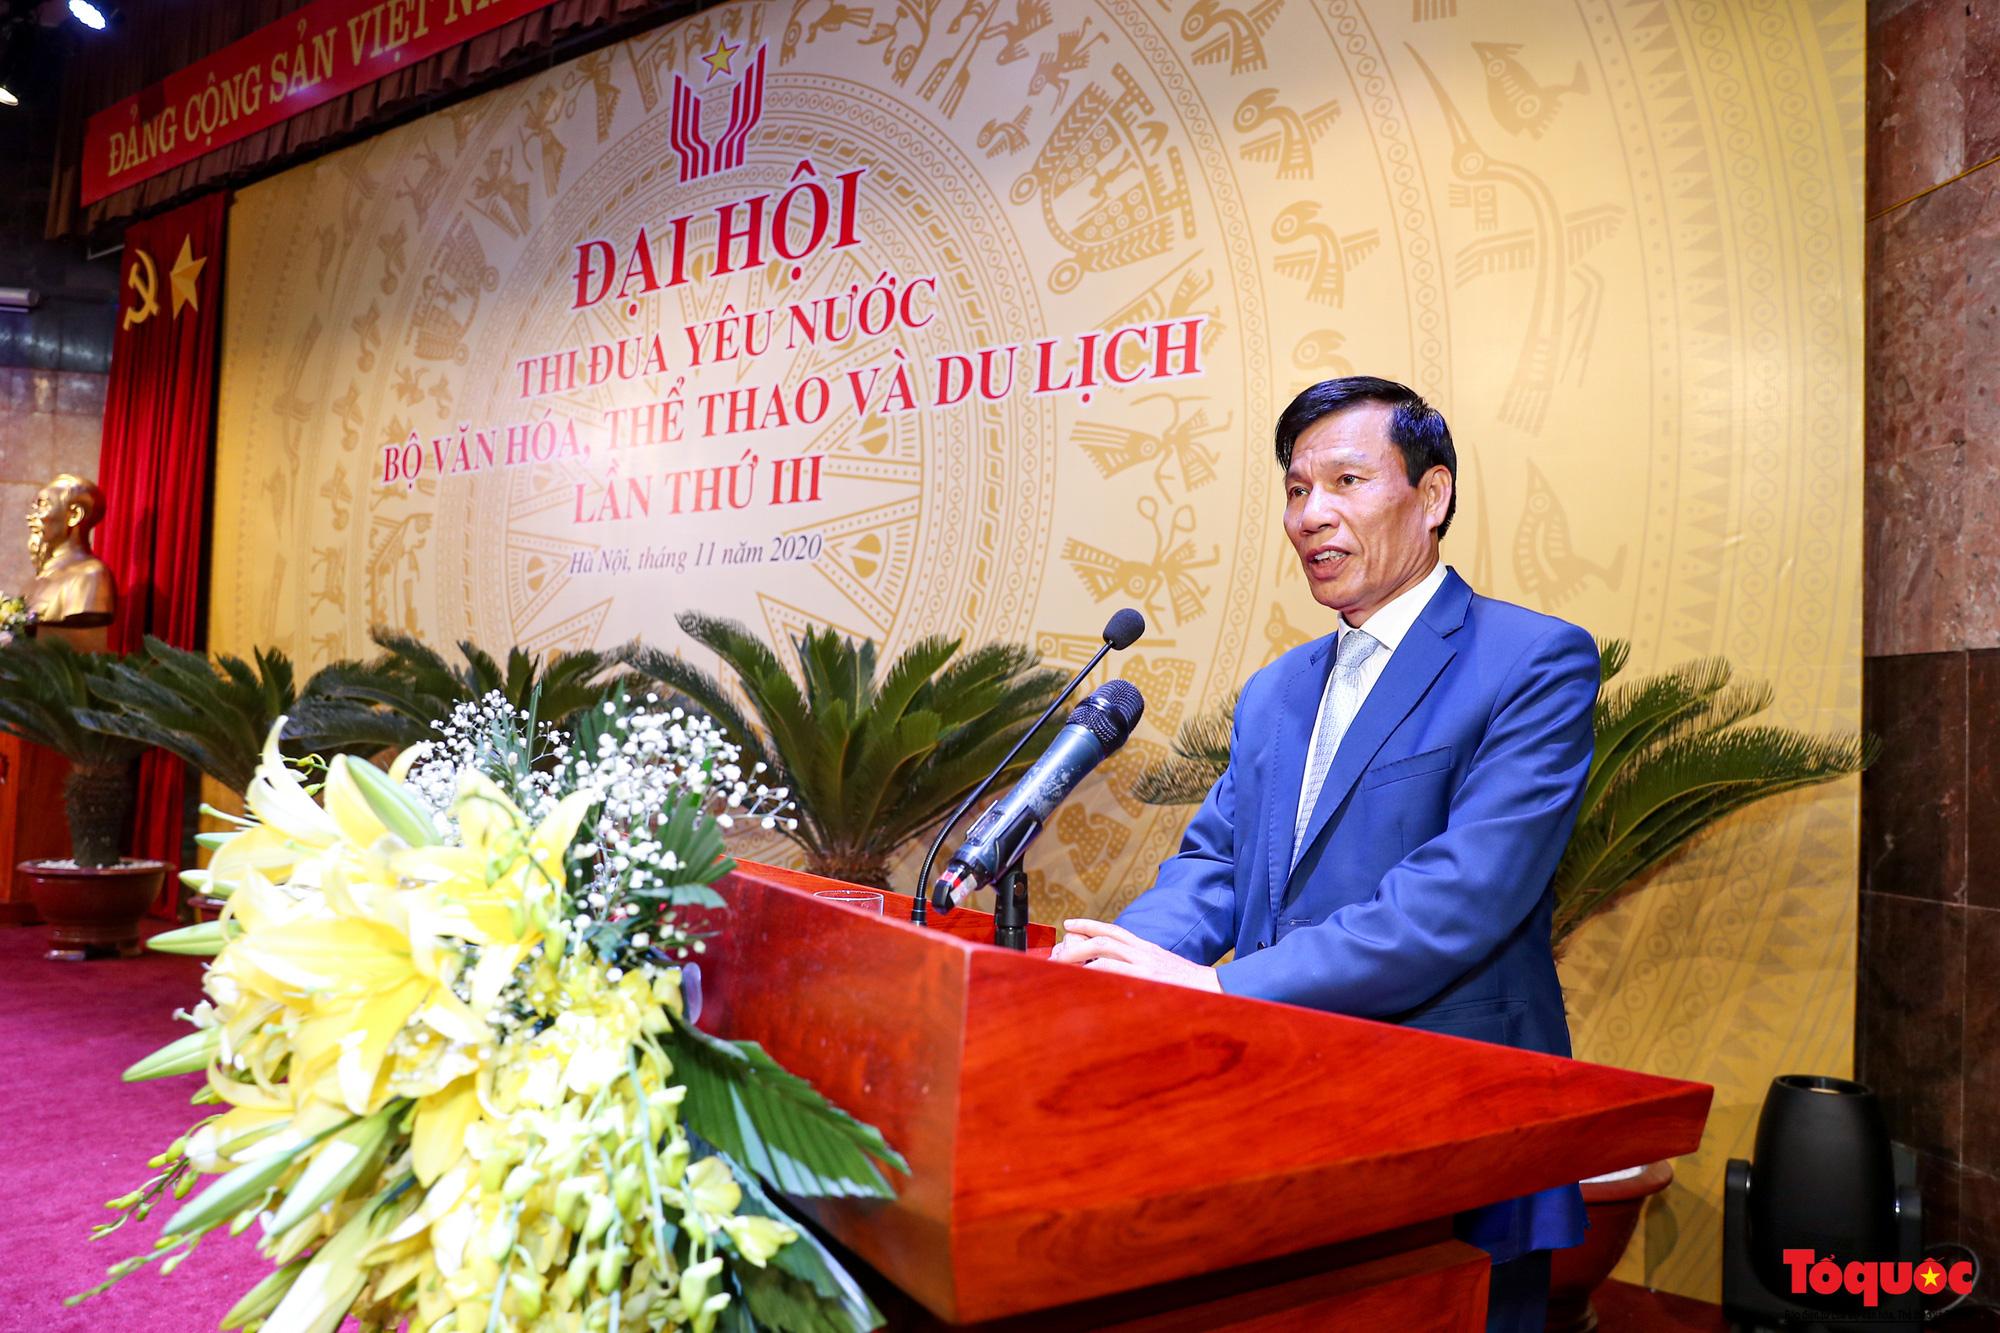 Phát biểu khai mạc, Bộ trưởng Bộ VHTTDL Nguyễn Ngọc Thiện cho biết, Đại hội thi đua yêu nước của Bộ VHTTDL lần thứ III là một dấu mốc quan trọng, tạo bước phát triển mới trên cơ sở tiếp nối, phát huy